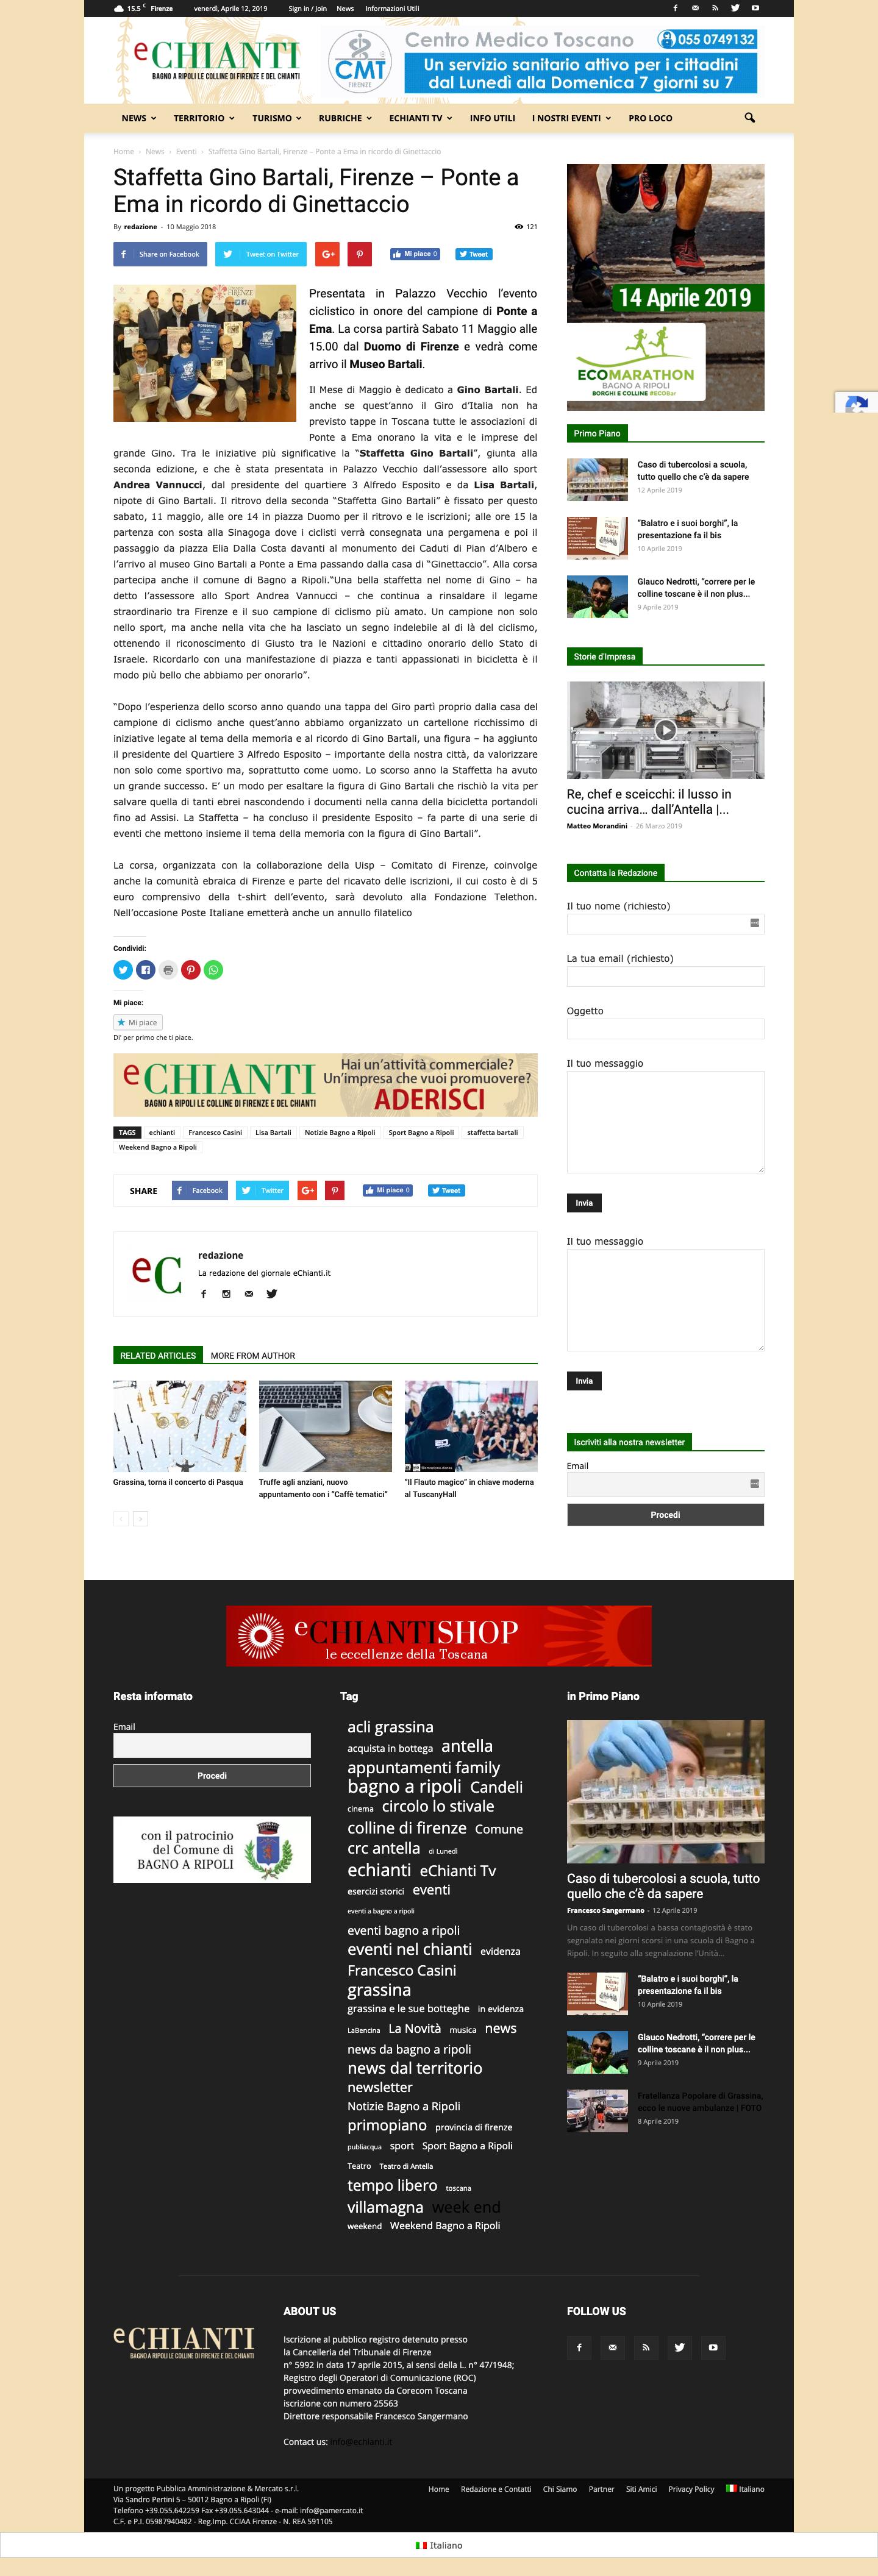 Staffetta-Gino-Bartali-Firenze-–-Ponte-a-Ema-in-ricordo-di-Ginettaccio-eChianti_-www.echianti.it-04-2019